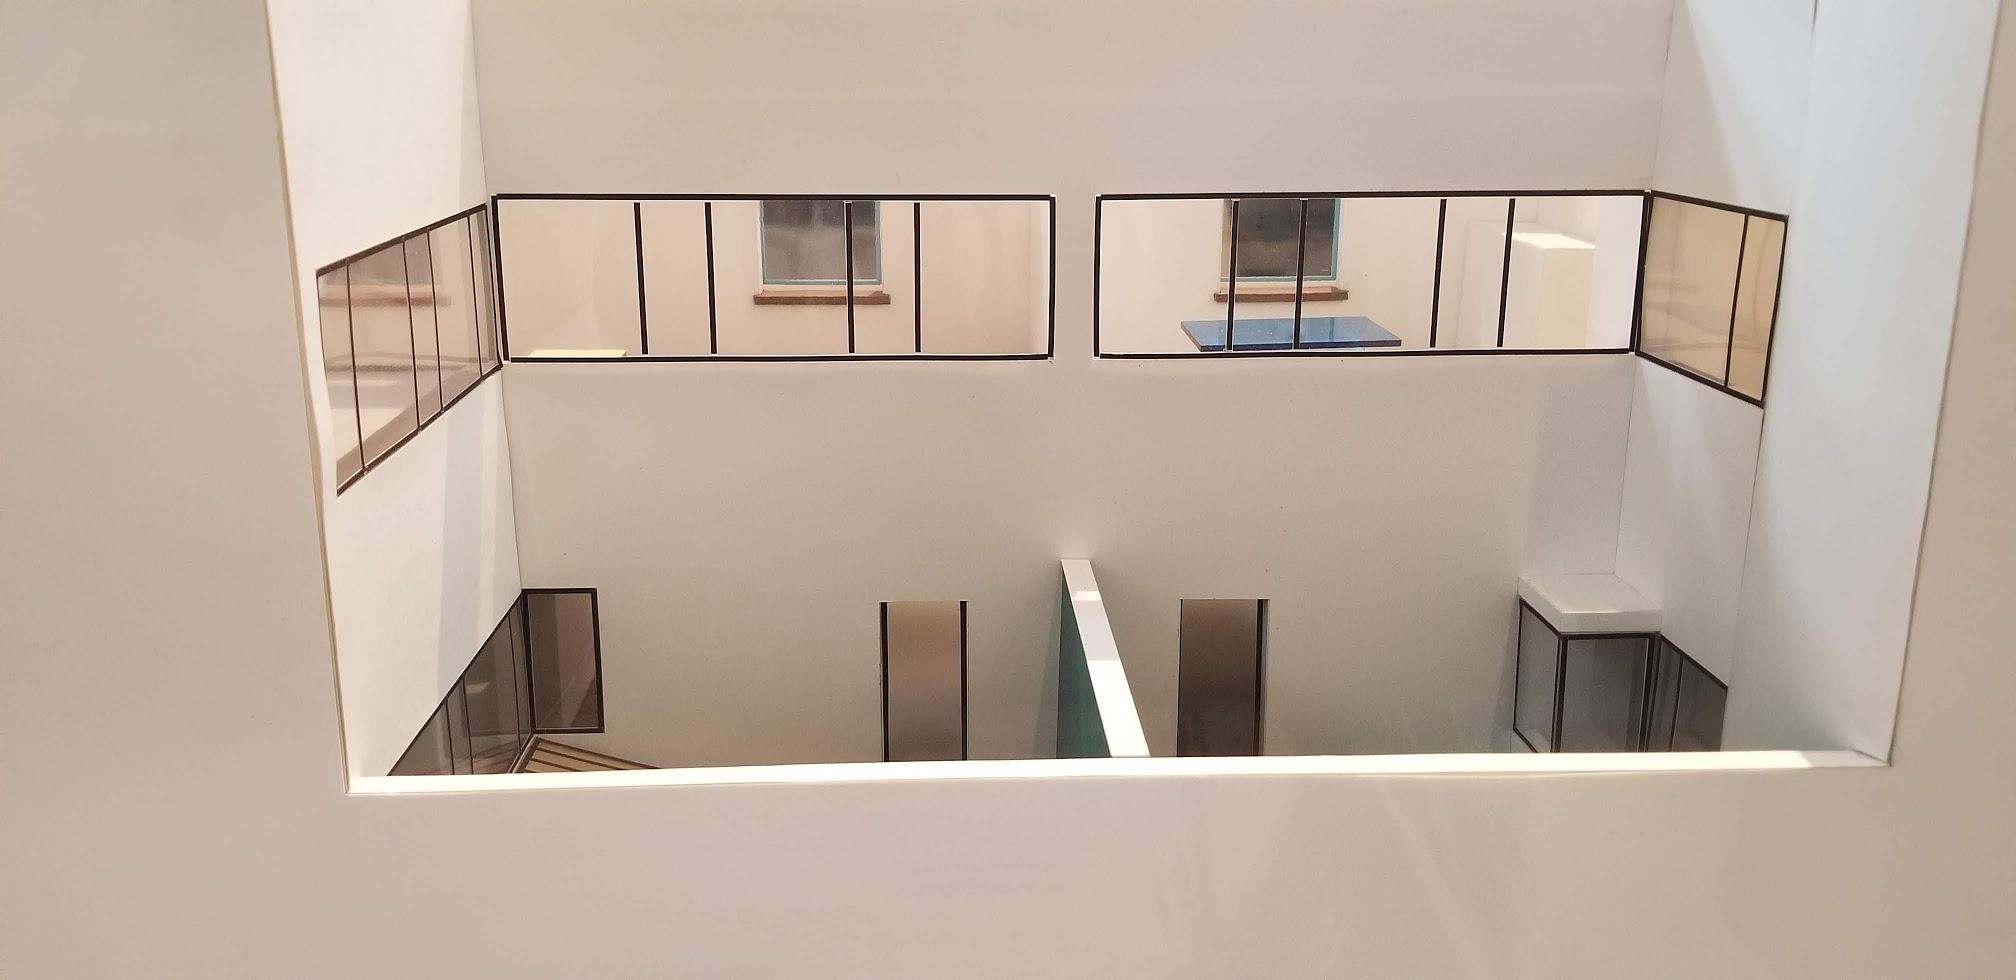 A Model built by Les Corbusier